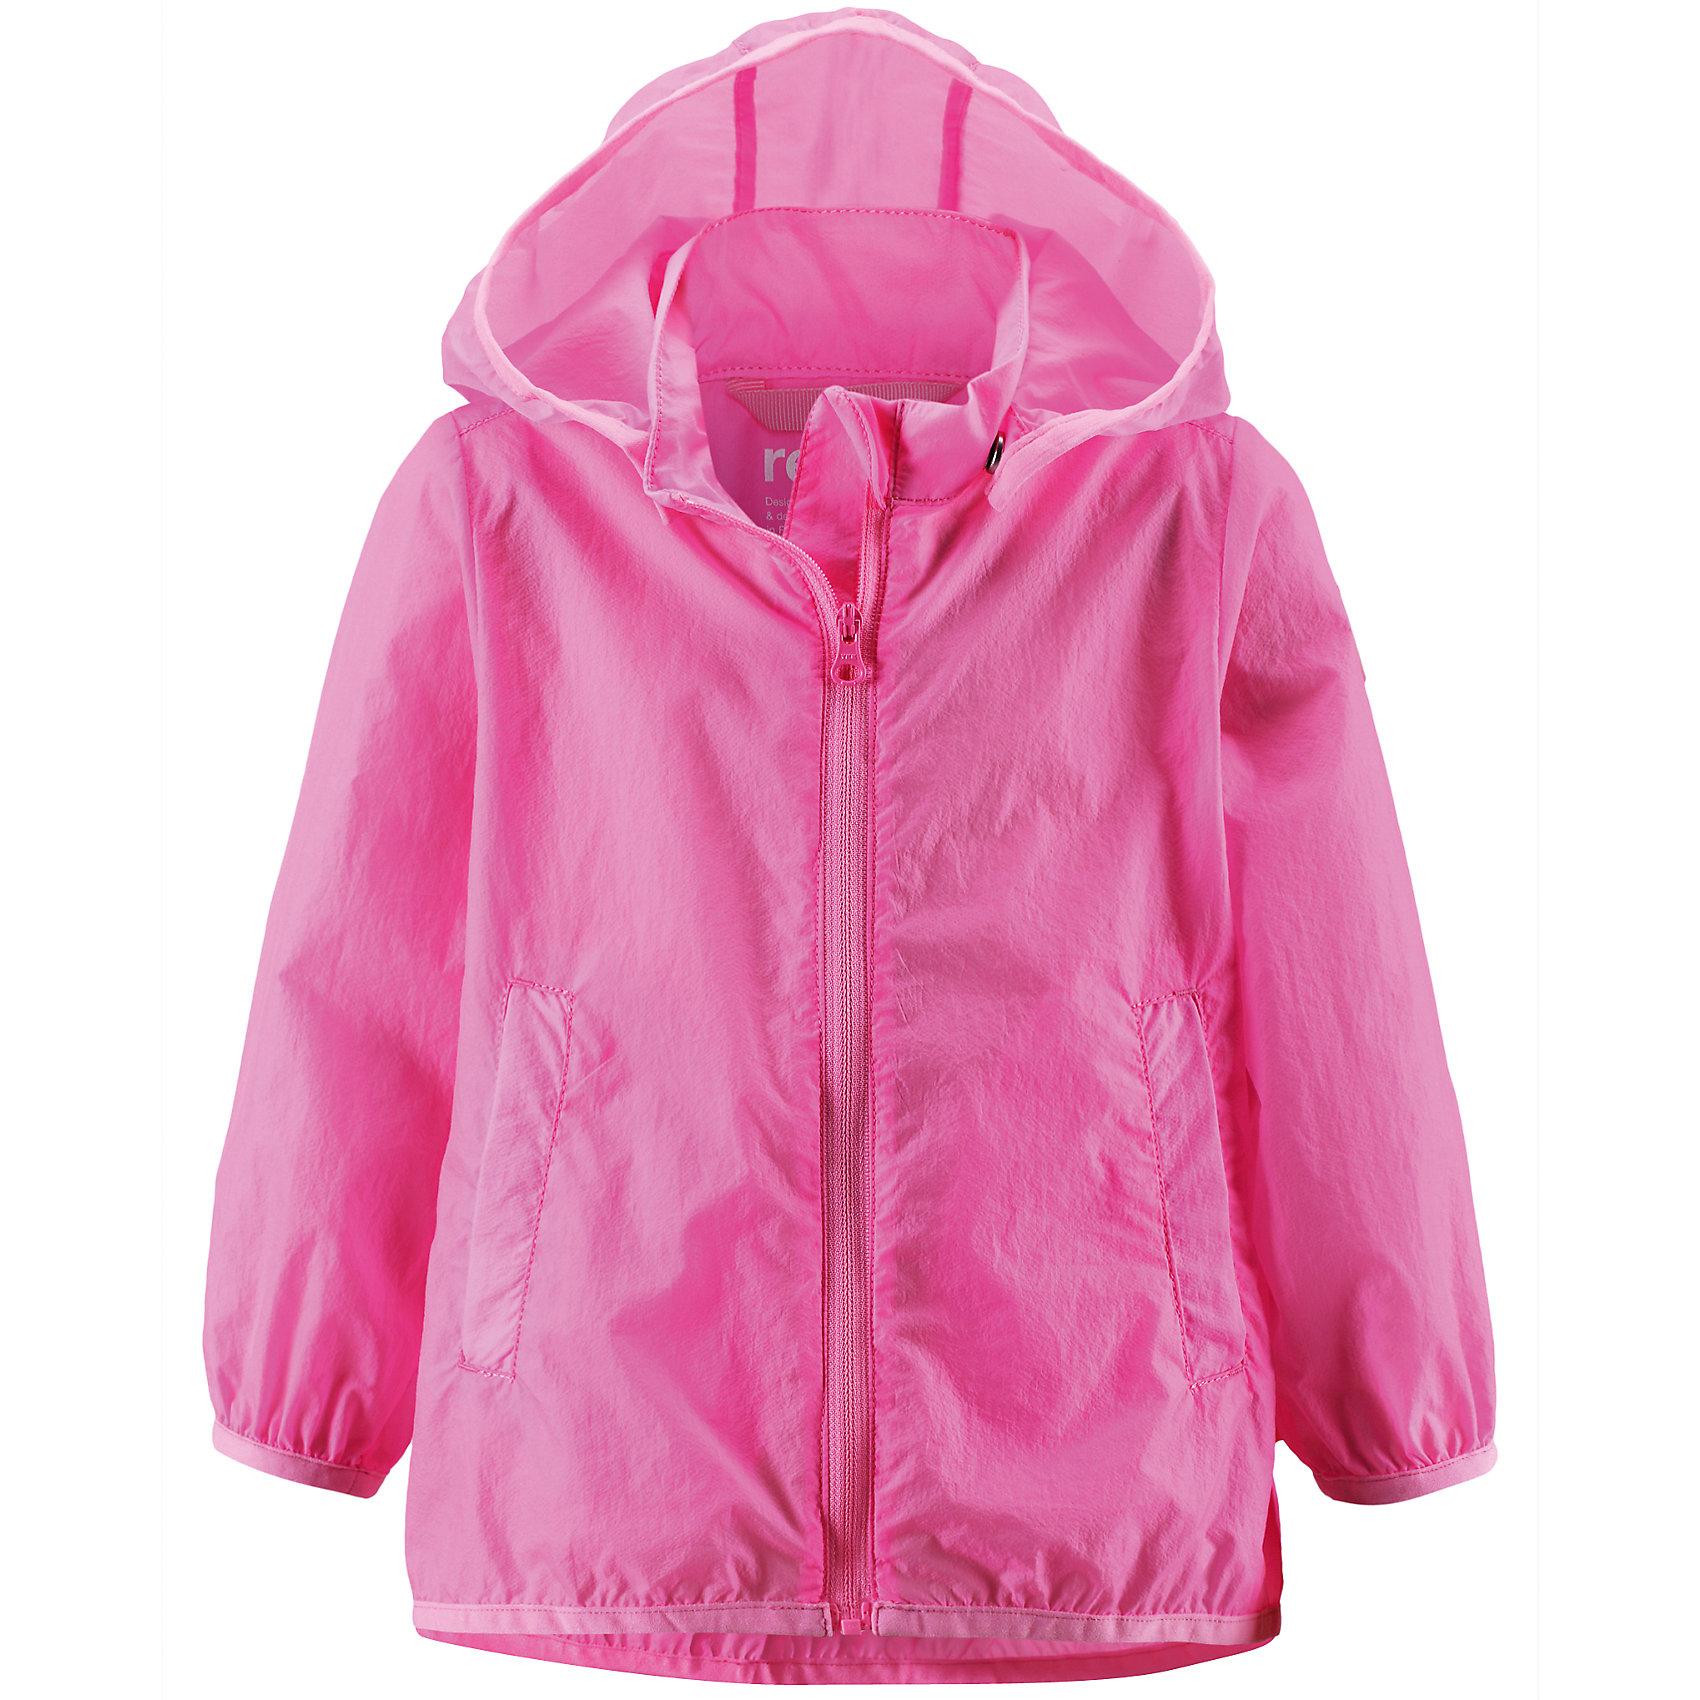 Куртка ReimaОдежда<br>Куртка Reima (Рейма), розовый от известного финского производителя  детской одежды Reima. Легкая куртка для девочки выполнена из полиамида, который обладает высокой износоустойчивостью, воздухопроницаемыми, водооталкивающими и грязеотталкивающими свойствами. Изделие устойчиво к изменению формы и цвета даже при длительном использовании. Куртка имеет классическую форму: прямой силуэт с удлиненной спинкой, застежка-молния с защитой у подбородка, капюшон, боковые втачные карманы и окантовка на рукавах и по низу изделия. Куртка имеет полиуретановое покрытие, что делает ее непромокаемой даже в дождливую погоду.    <br><br>Дополнительная информация:<br><br>- Предназначение: повседневная одежда для прогулок и активного отдыха<br>- Цвет: розовый<br>- Пол: для девочки<br>- Состав: 100% полиамид, полиуретановое покрытие<br>- Сезон: весна-осень<br>- Особенности ухода: стирать изделие, предварительно вывернув его на левую сторону, не использовать отбеливающие вещества<br><br>Подробнее:<br><br>• Для детей в возрасте: от 2 лет и до 3 лет<br>• Страна производитель: Китай<br>• Торговый бренд: Reima, Финляндия<br><br>Куртку Reima (Рейма), розовый можно купить в нашем интернет-магазине.<br><br>Ширина мм: 356<br>Глубина мм: 10<br>Высота мм: 245<br>Вес г: 519<br>Возраст от месяцев: 24<br>Возраст до месяцев: 36<br>Пол: Женский<br>Возраст: Детский<br>Размер: 98,92,86<br>SKU: 4863924